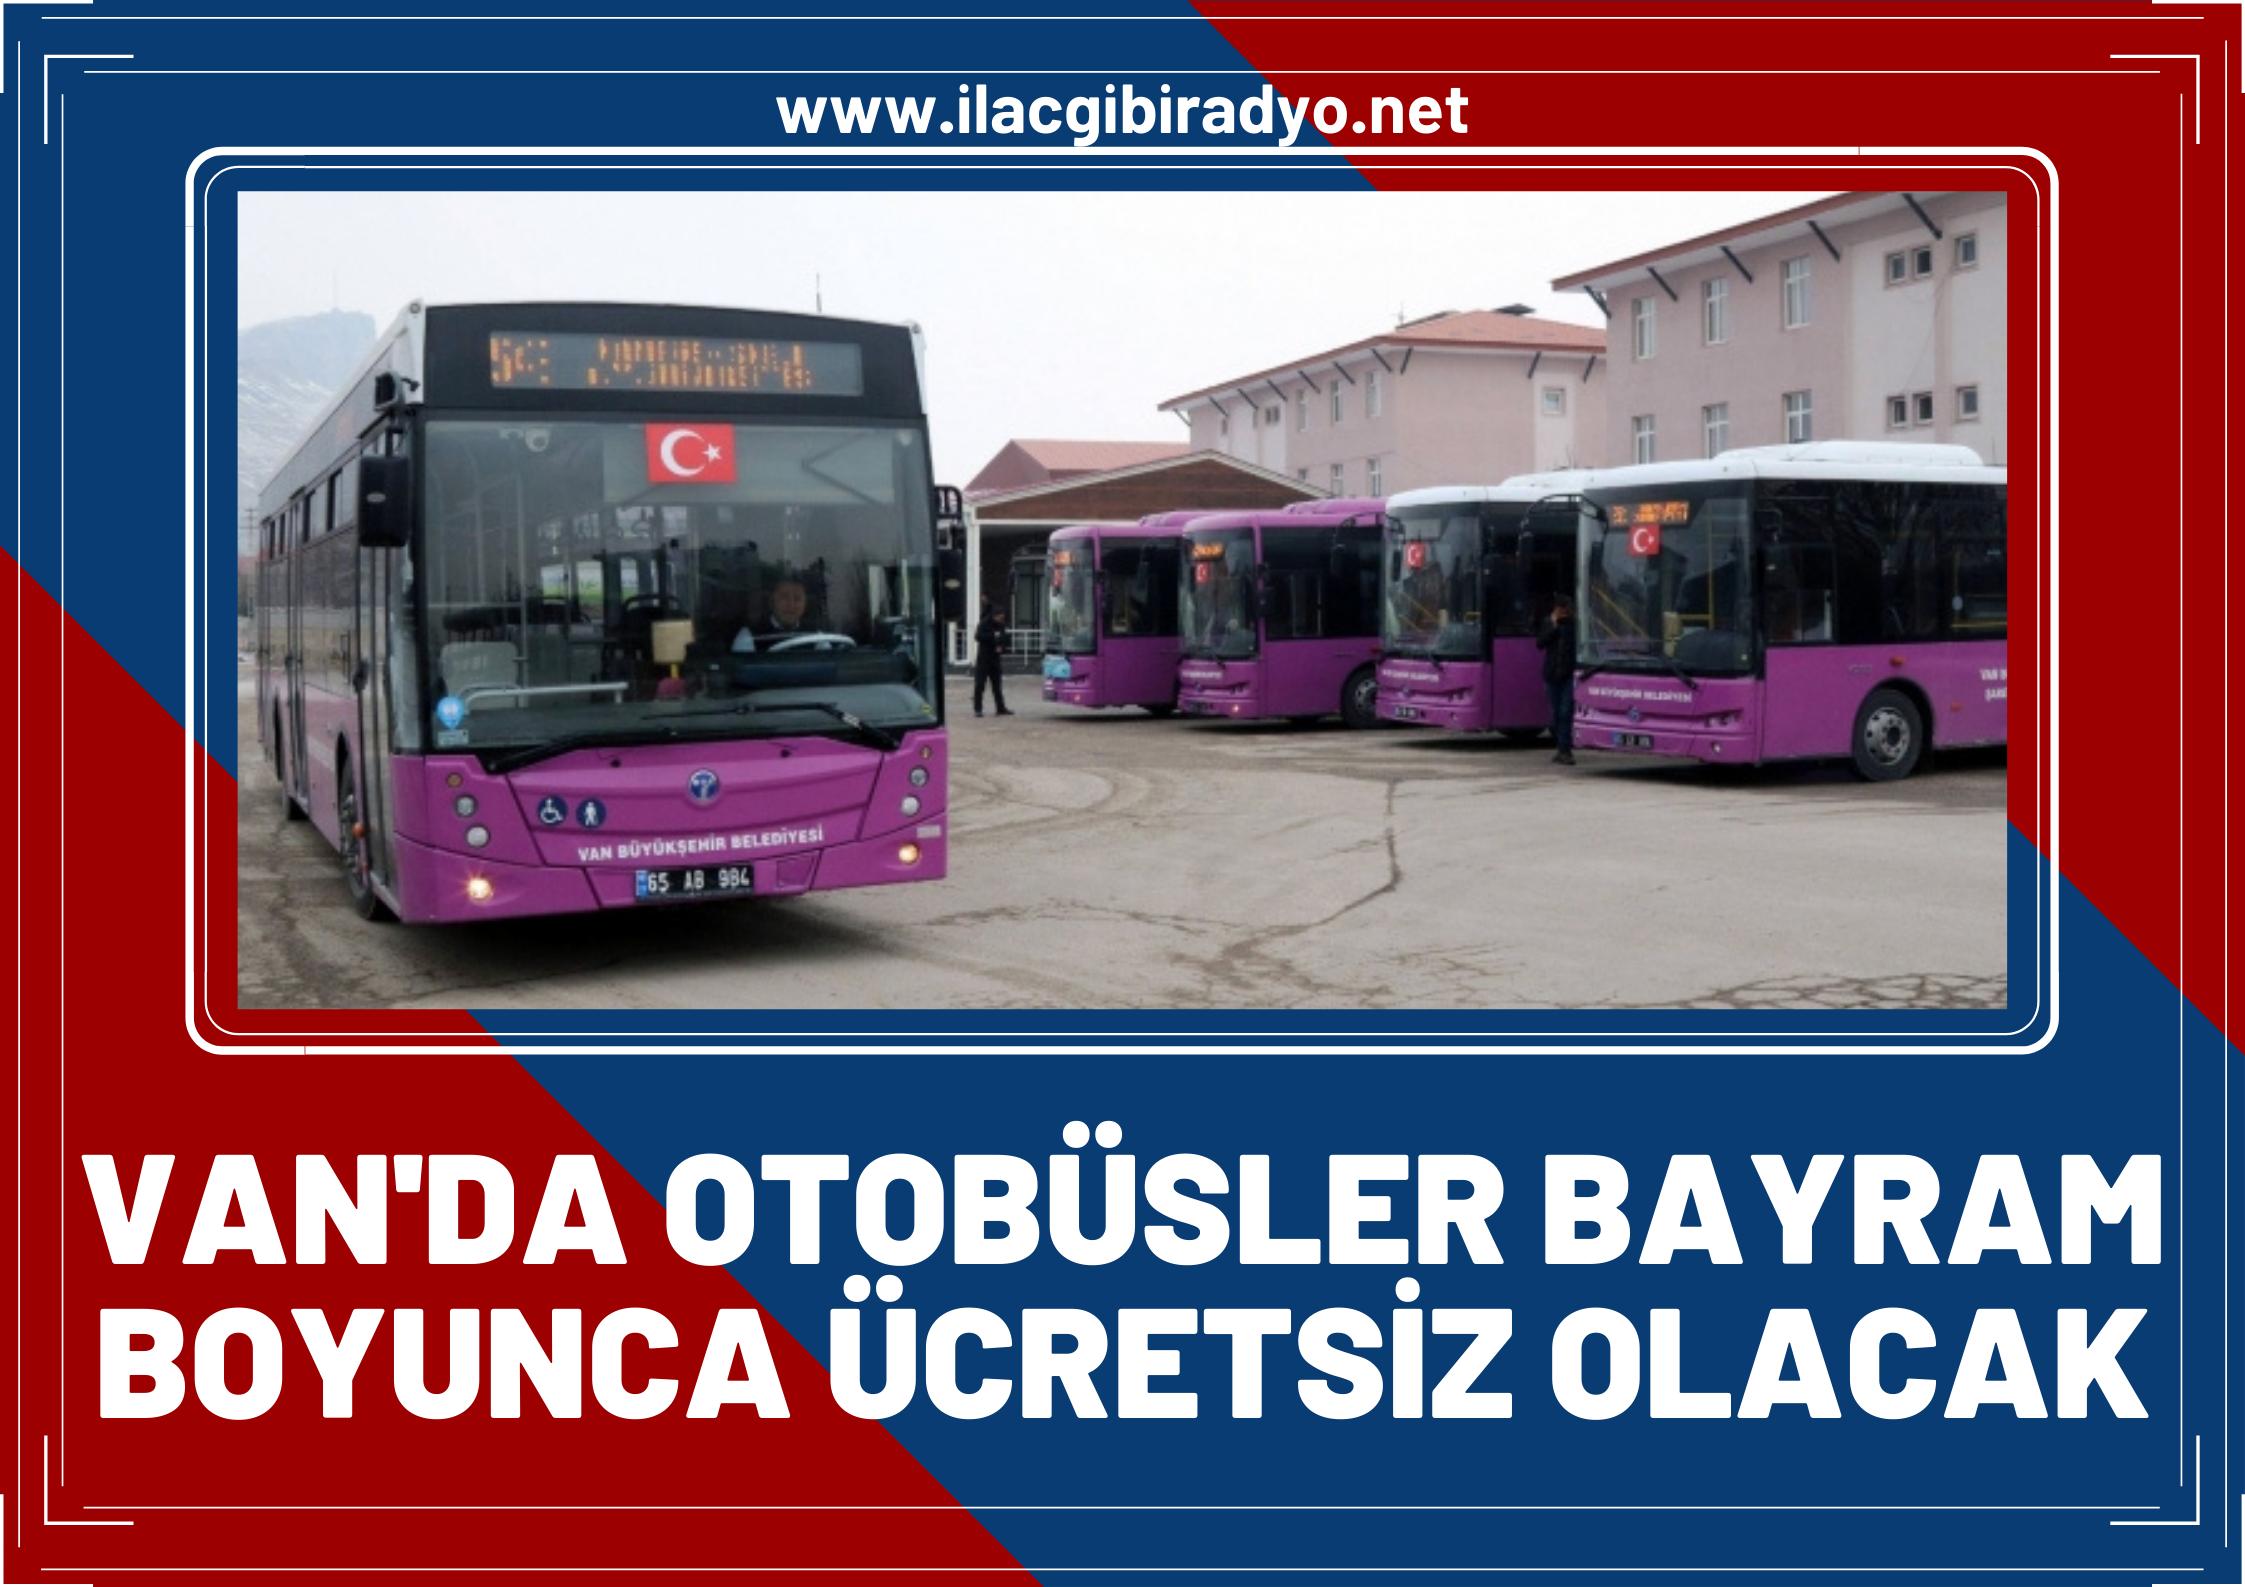 Van Büyükşehir Belediyesi duyurdu... Otobüsler bayram boyunca ücretsiz olacak!